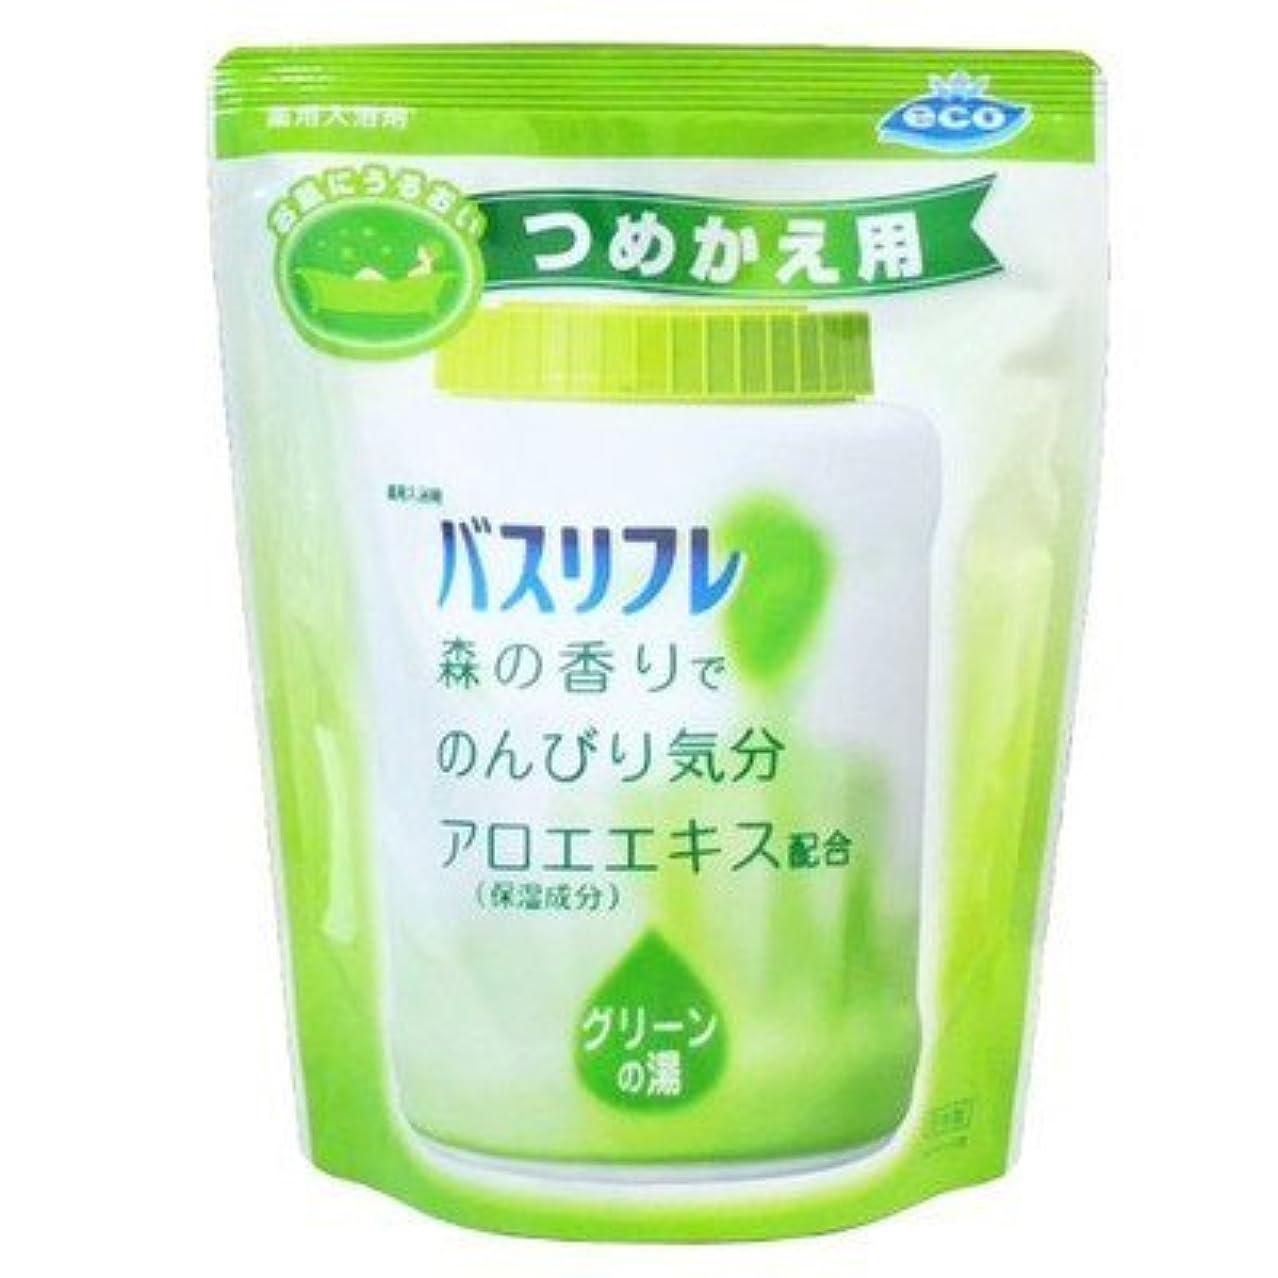 不道徳チロきつく薬用入浴剤 バスリフレ グリーンの湯 つめかえ用 540g 森の香り (ライオンケミカル) Japan